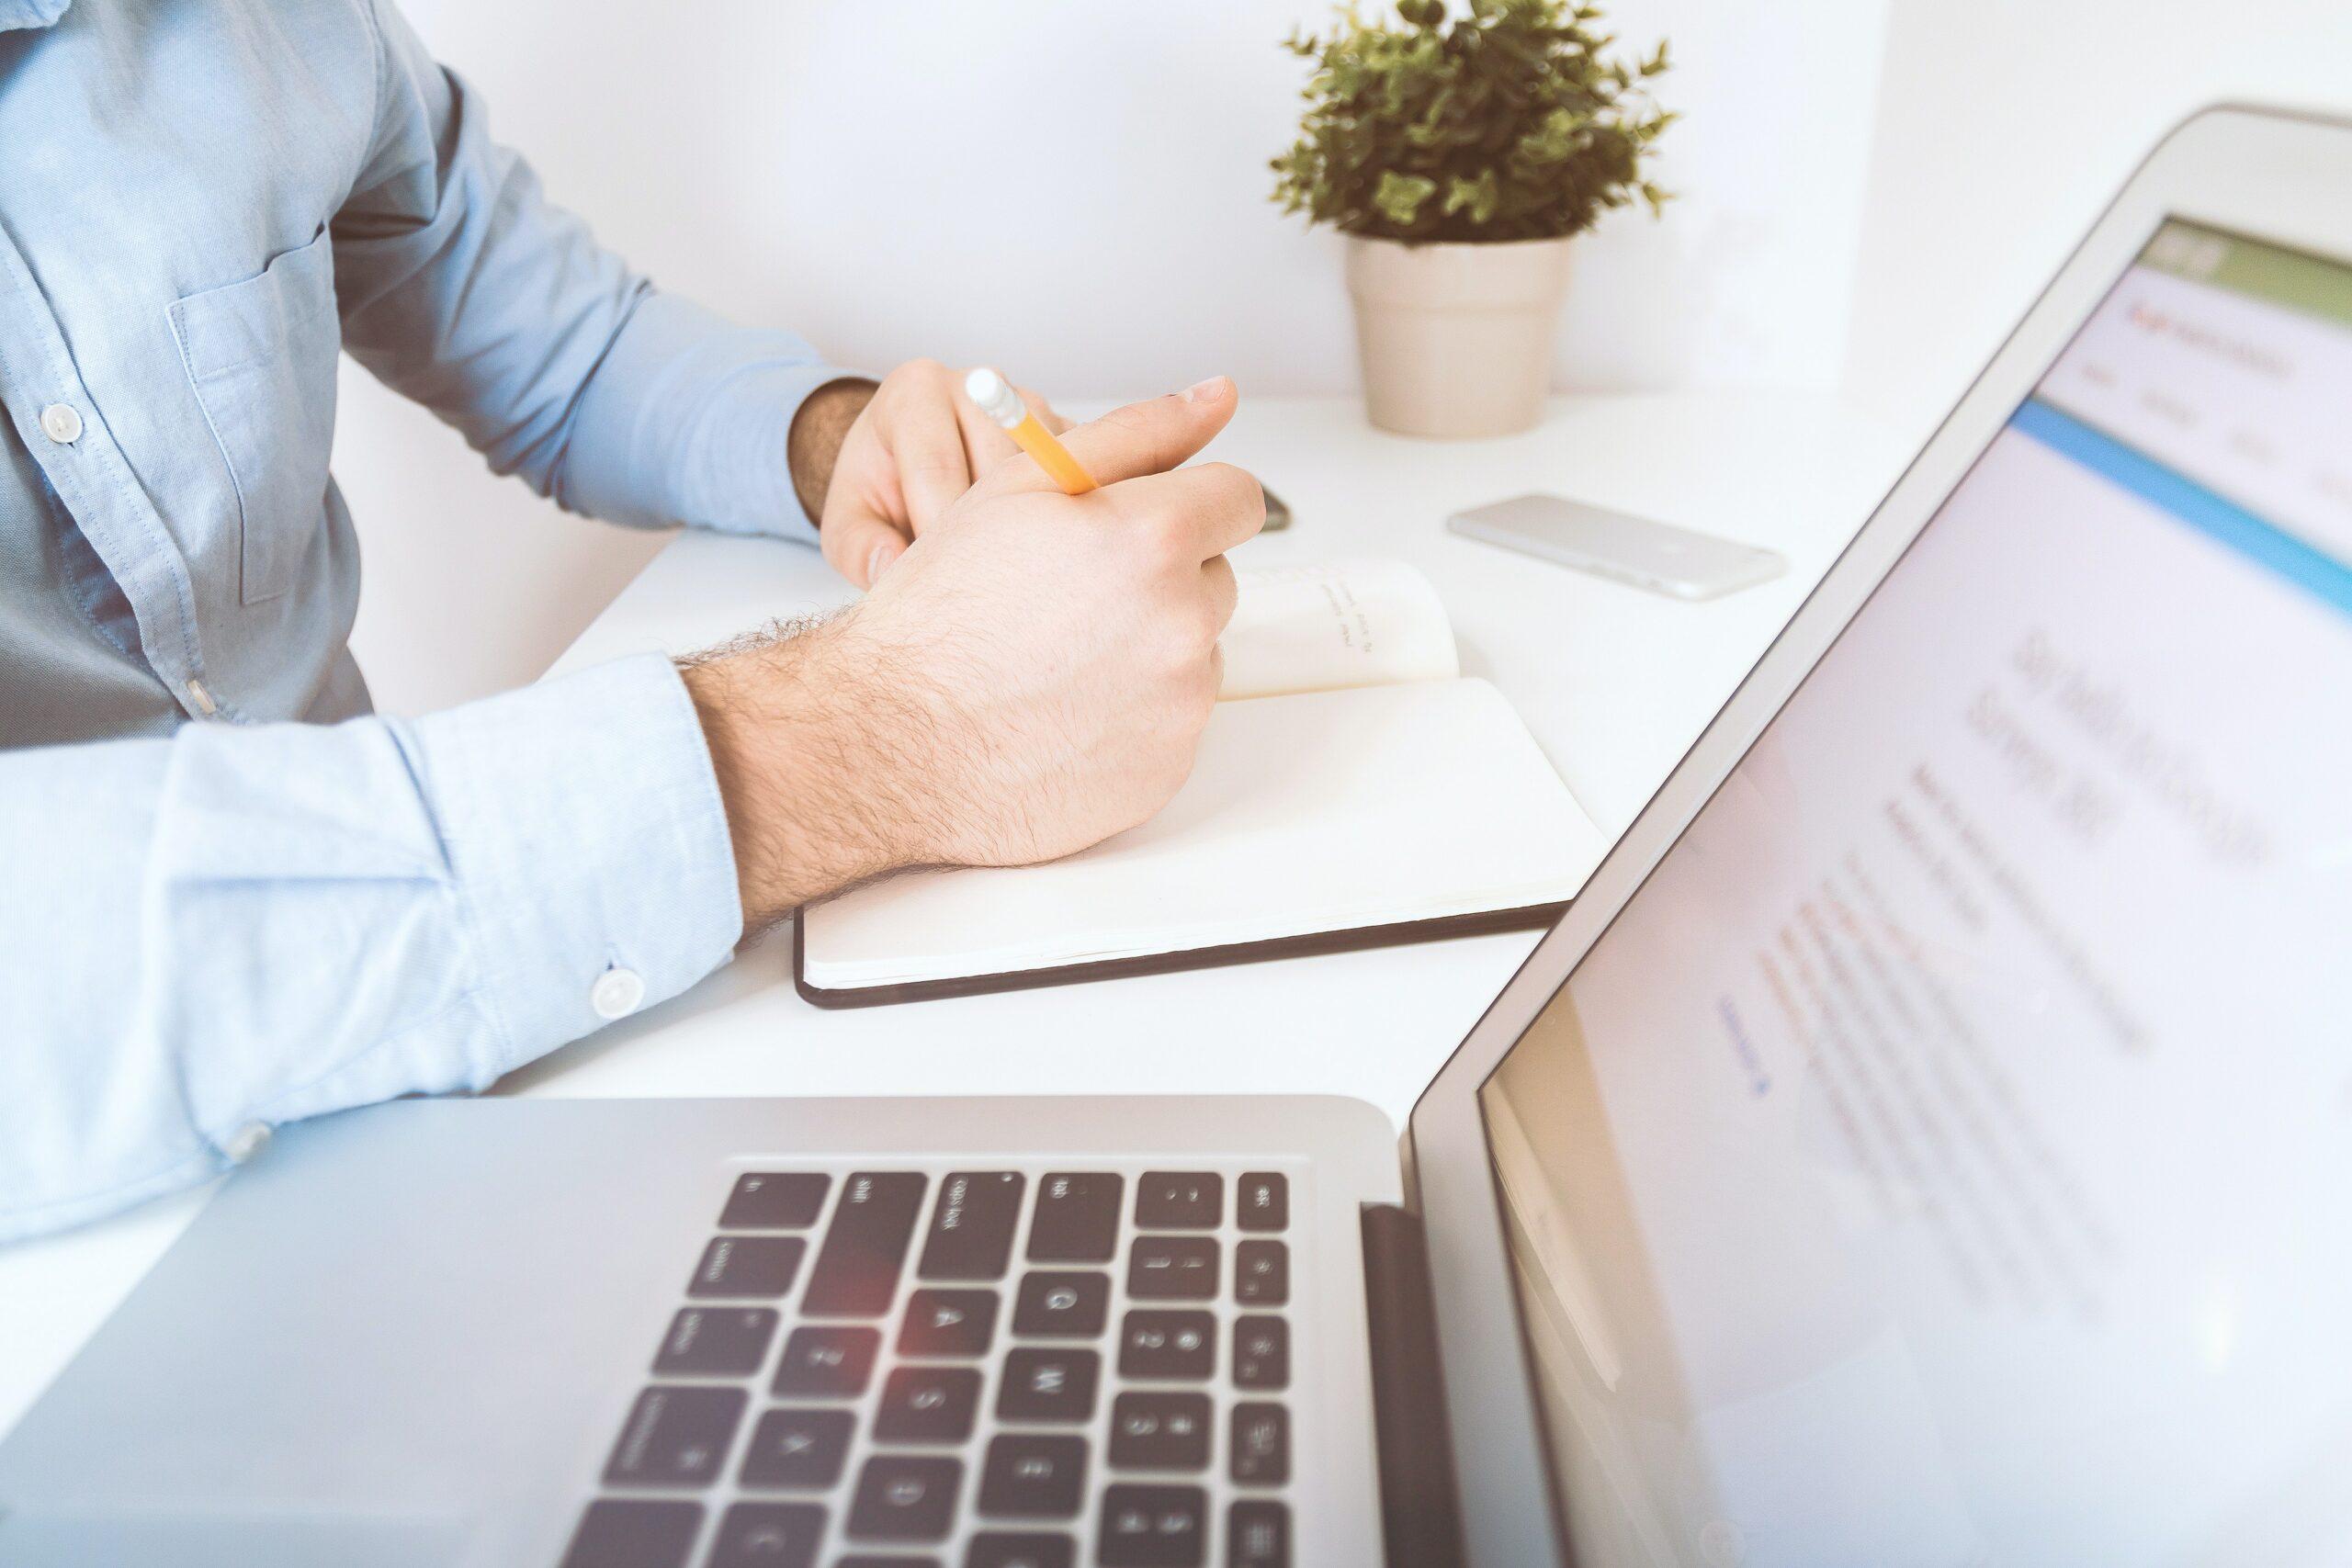 IVA Automático+: a nova funcionalidade do Portal das Finanças